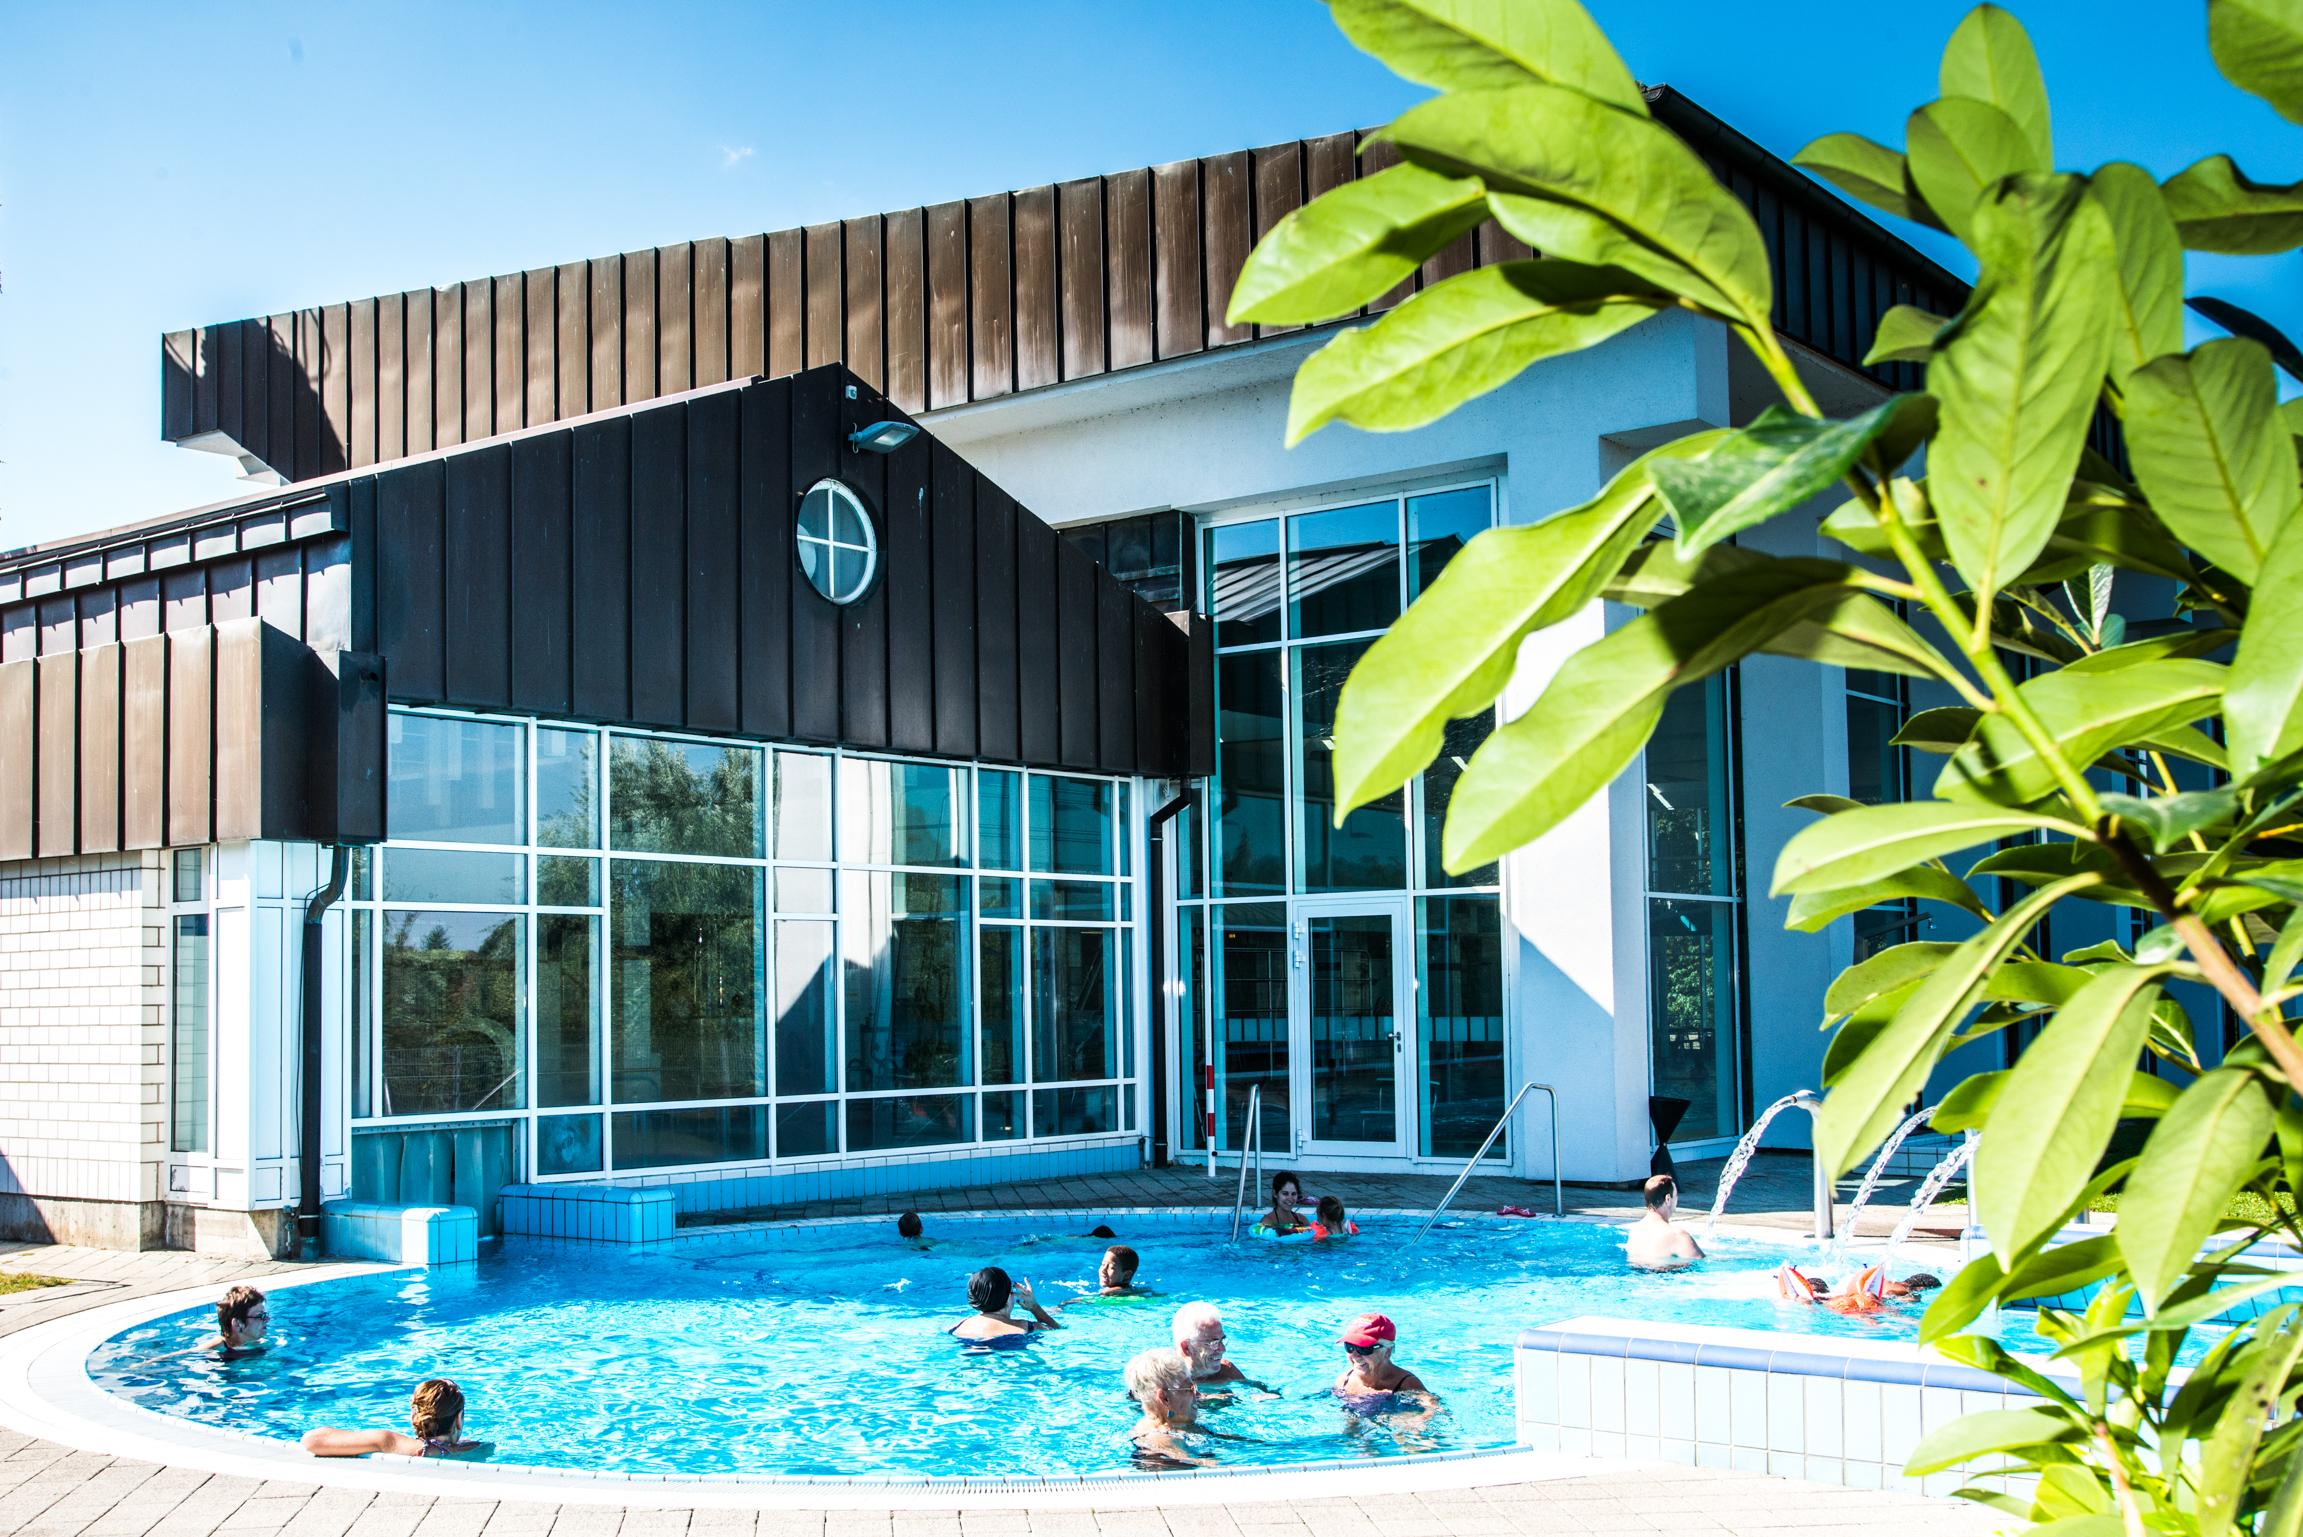 Freizeitbad edingen neckarhausen for Schwimmbad aussen